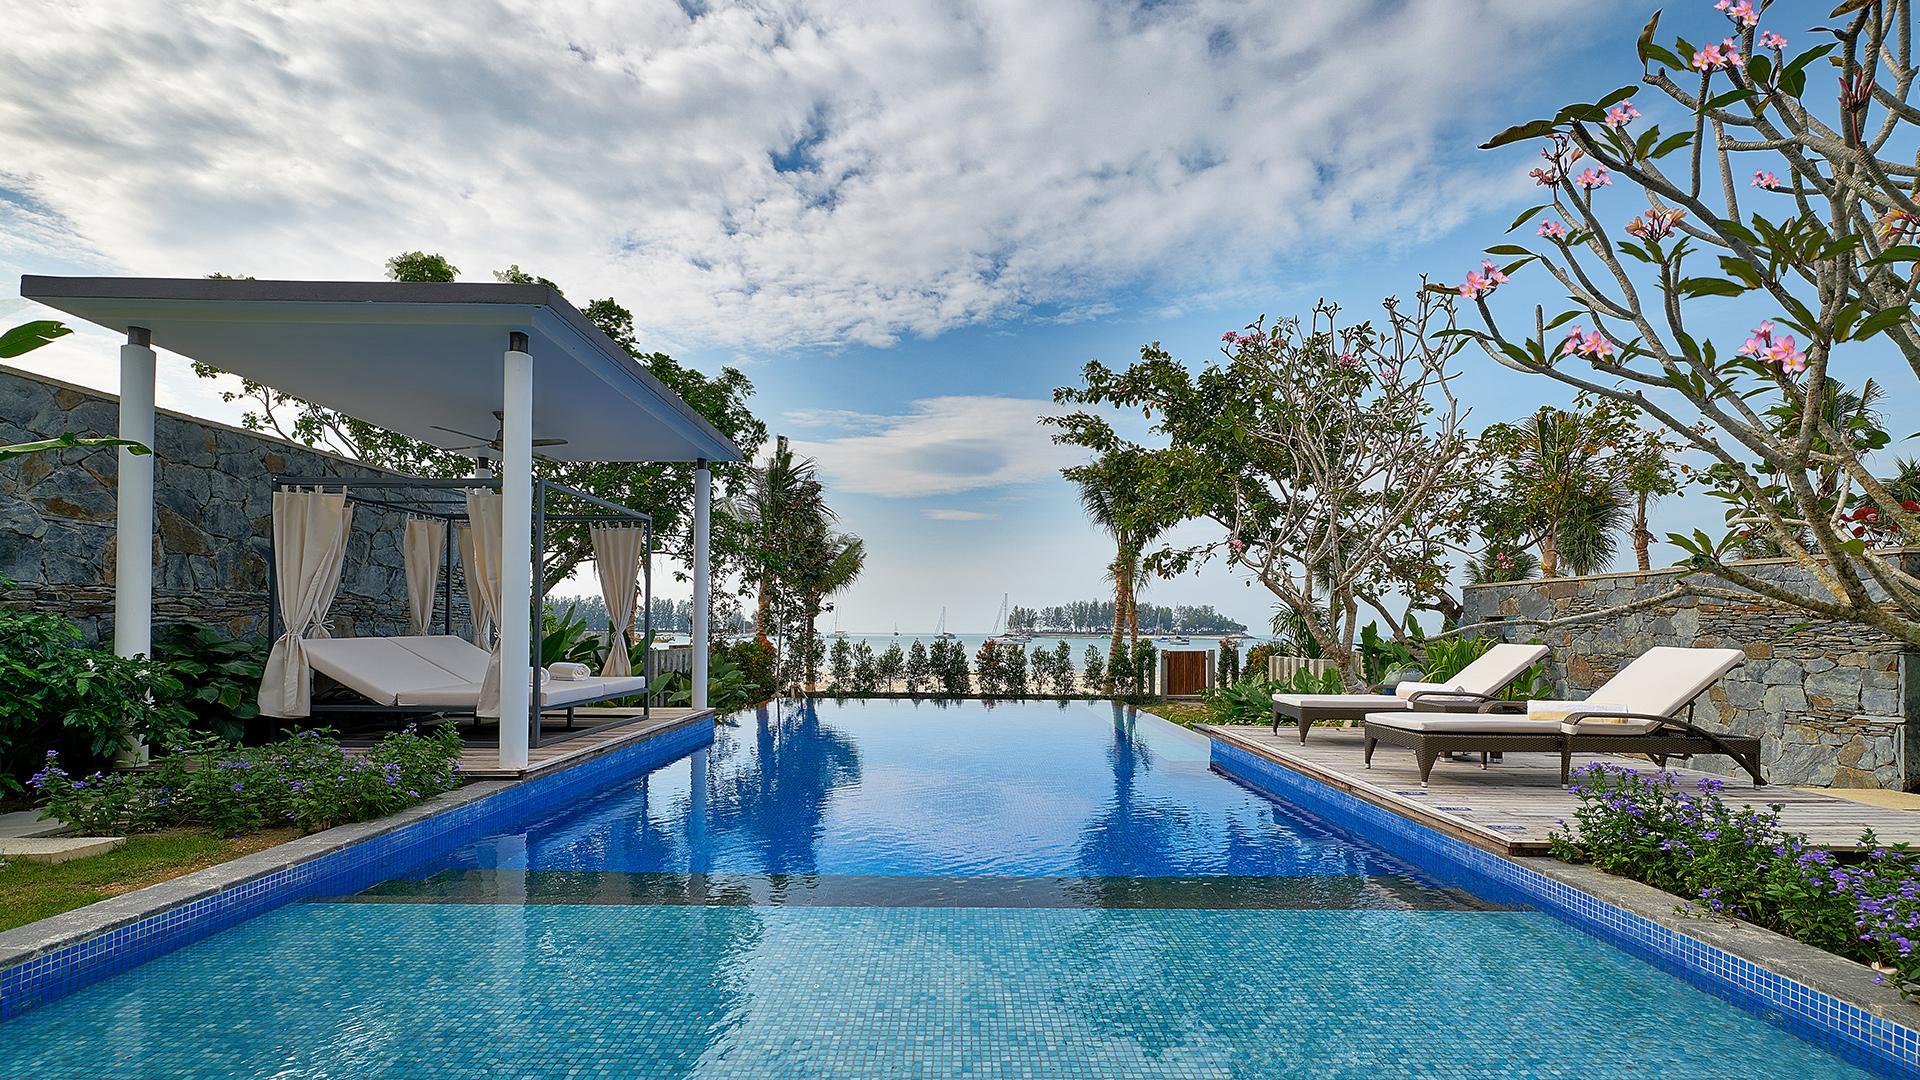 Princess Beach Villa image 1 at The Danna Langkawi by null, Kedah, Malaysia